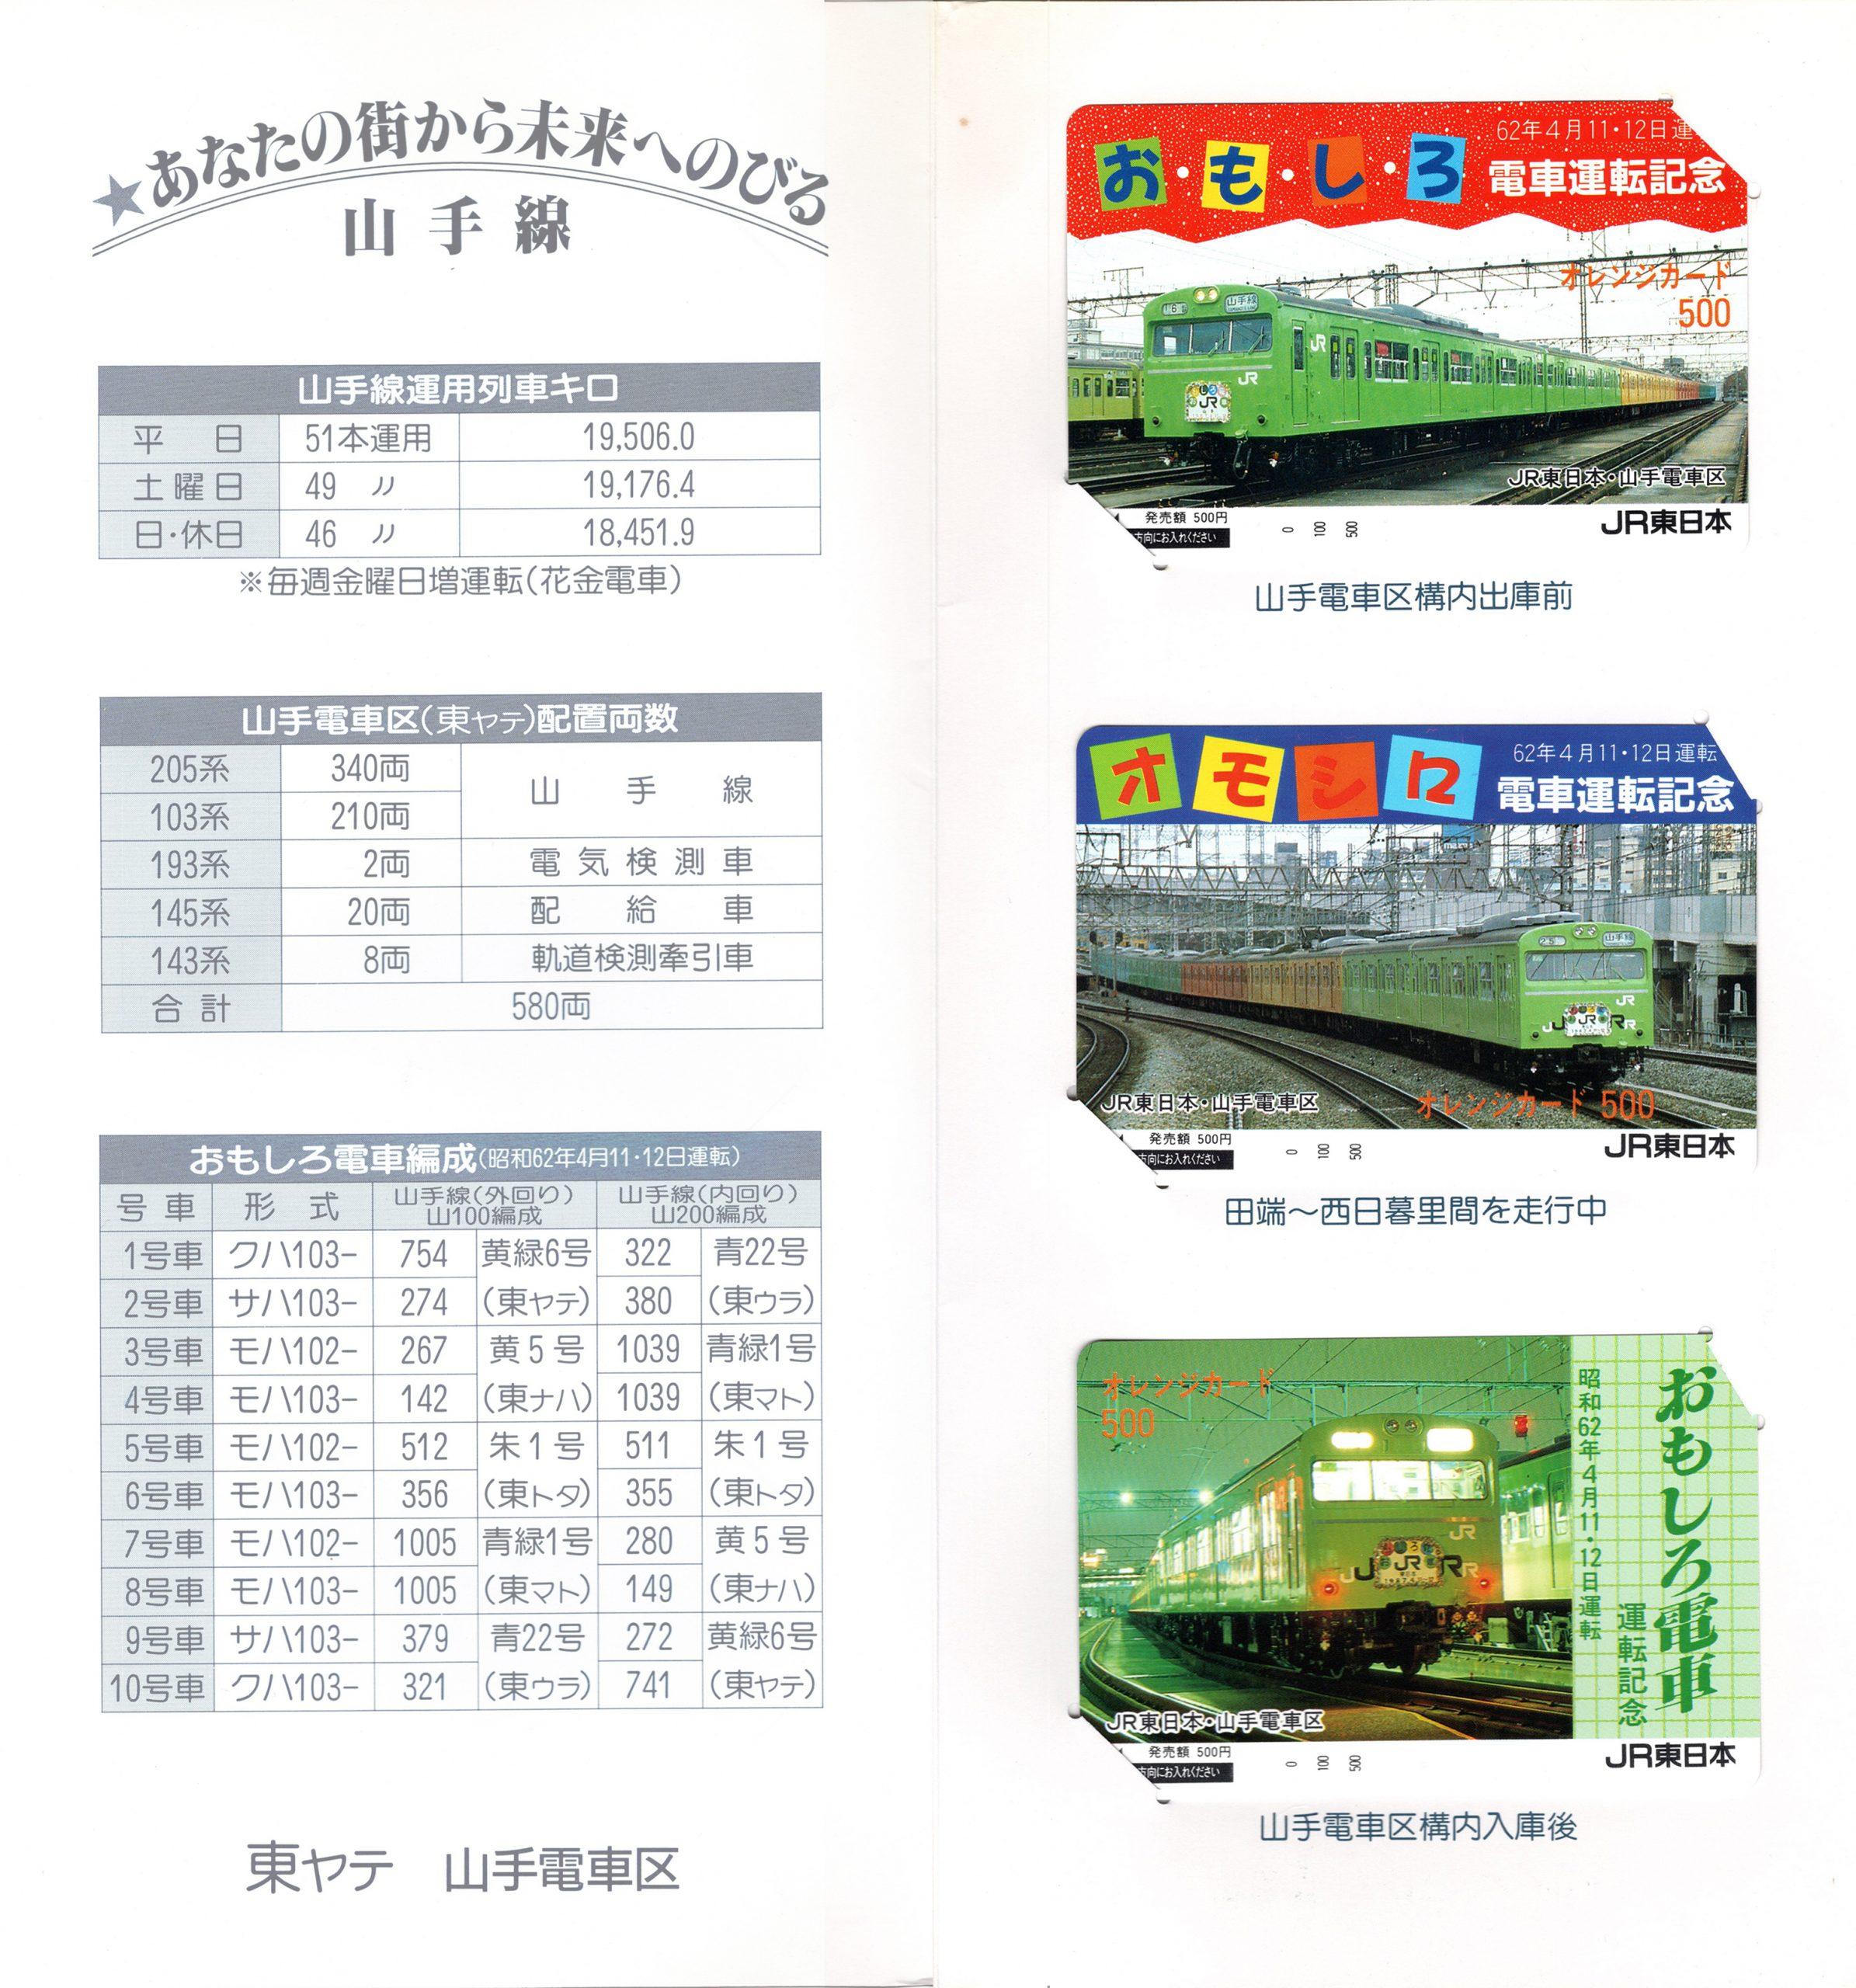 おもしろ電車記念カード